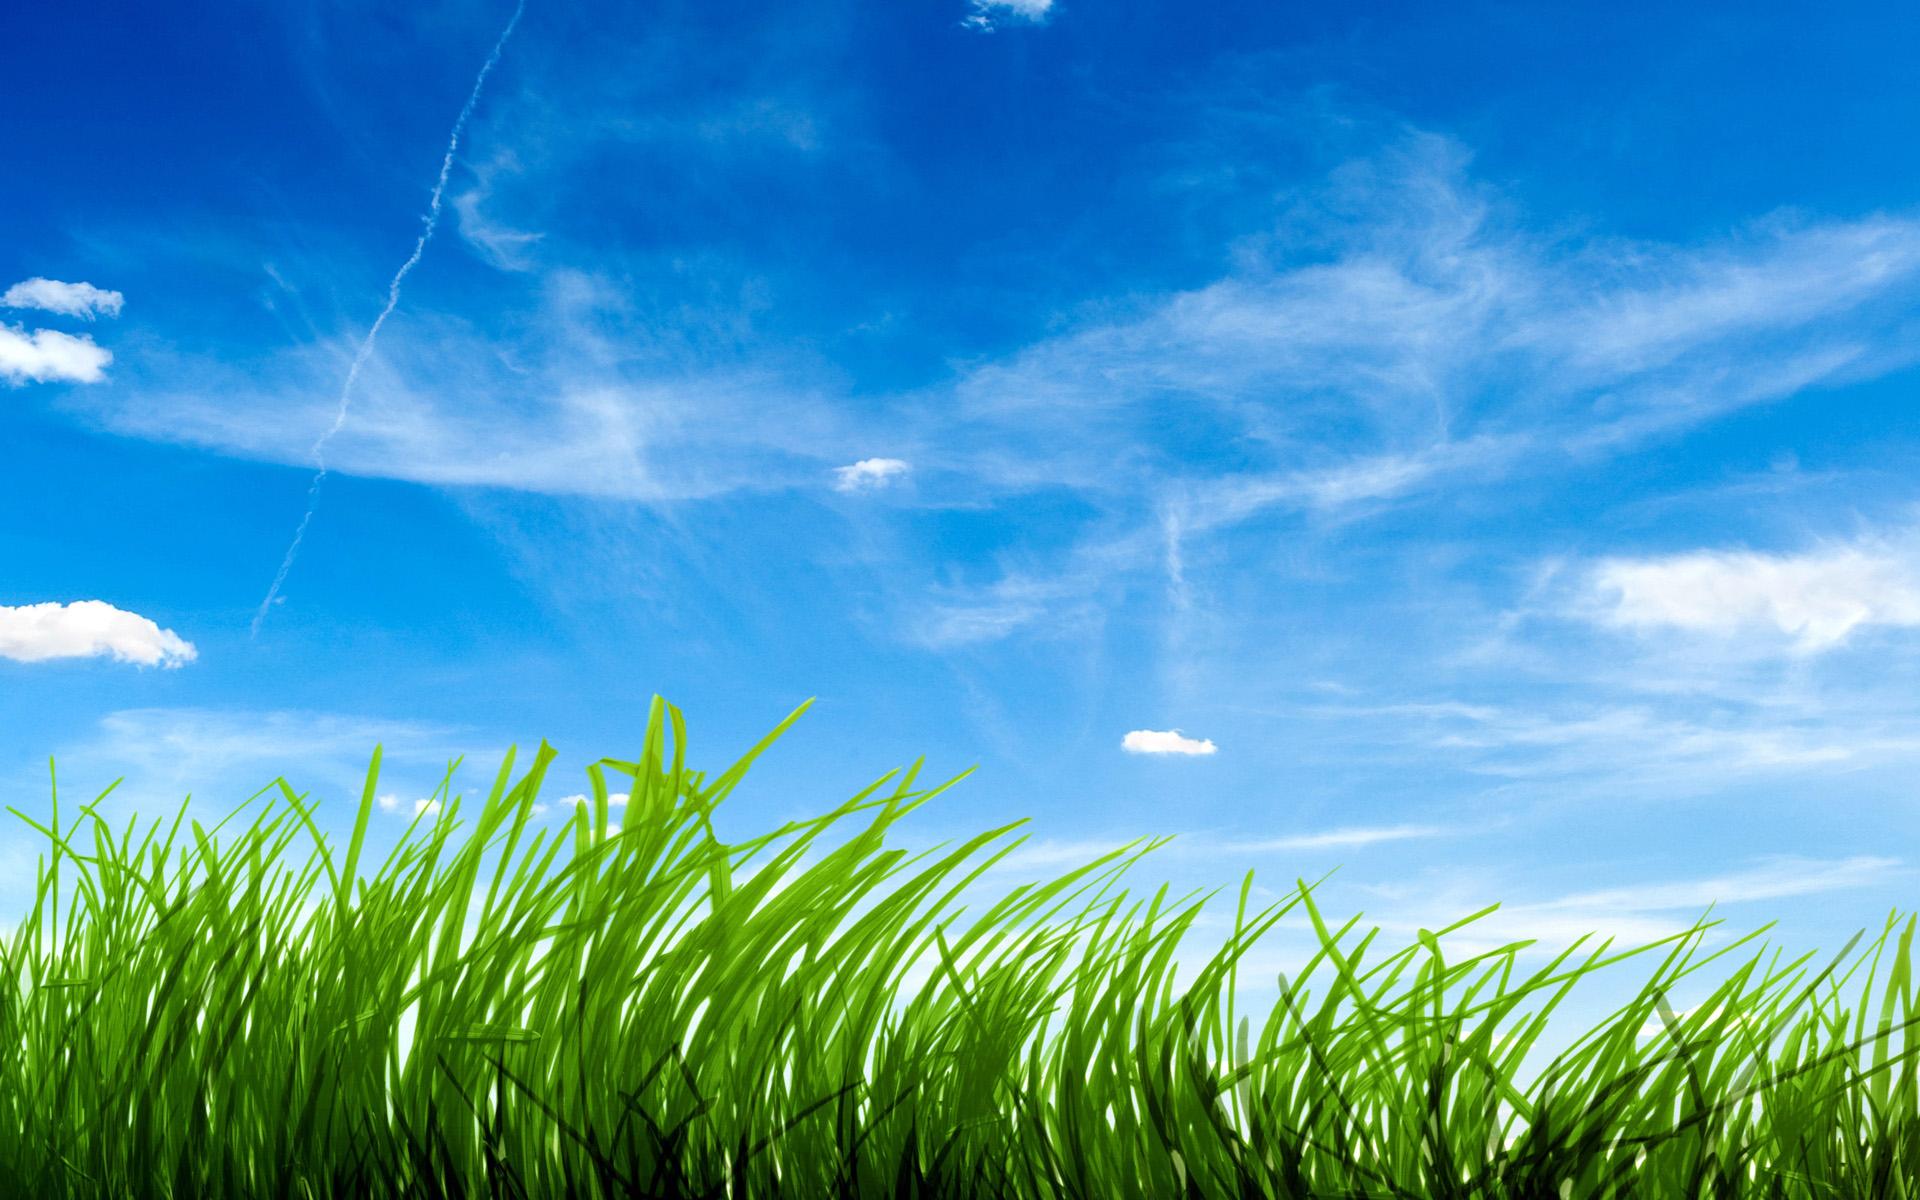 Green Grass Upper The Sky - Green Grass Upper The Sky